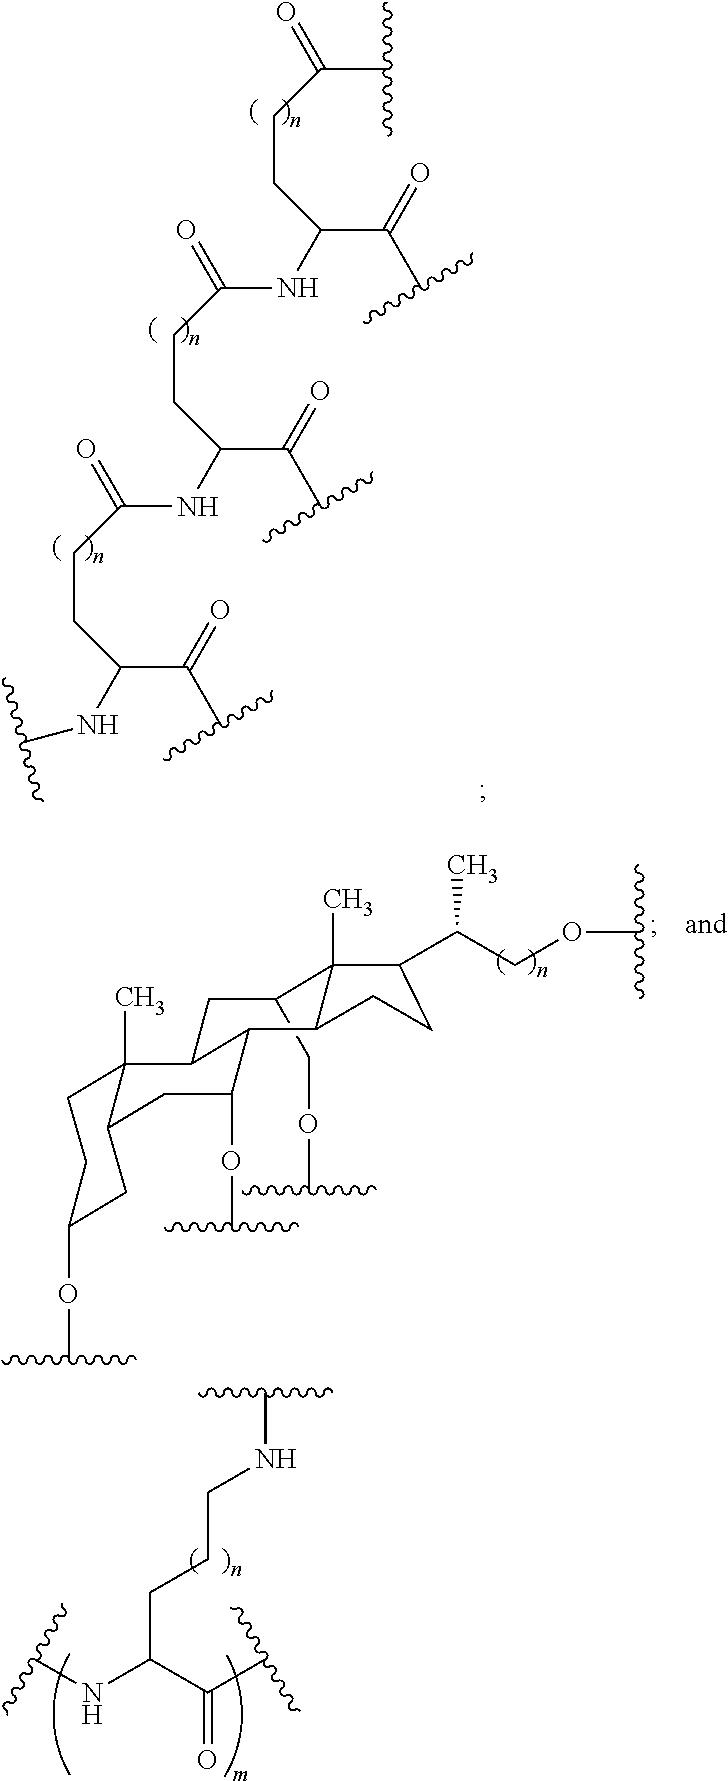 Figure US09994855-20180612-C00072